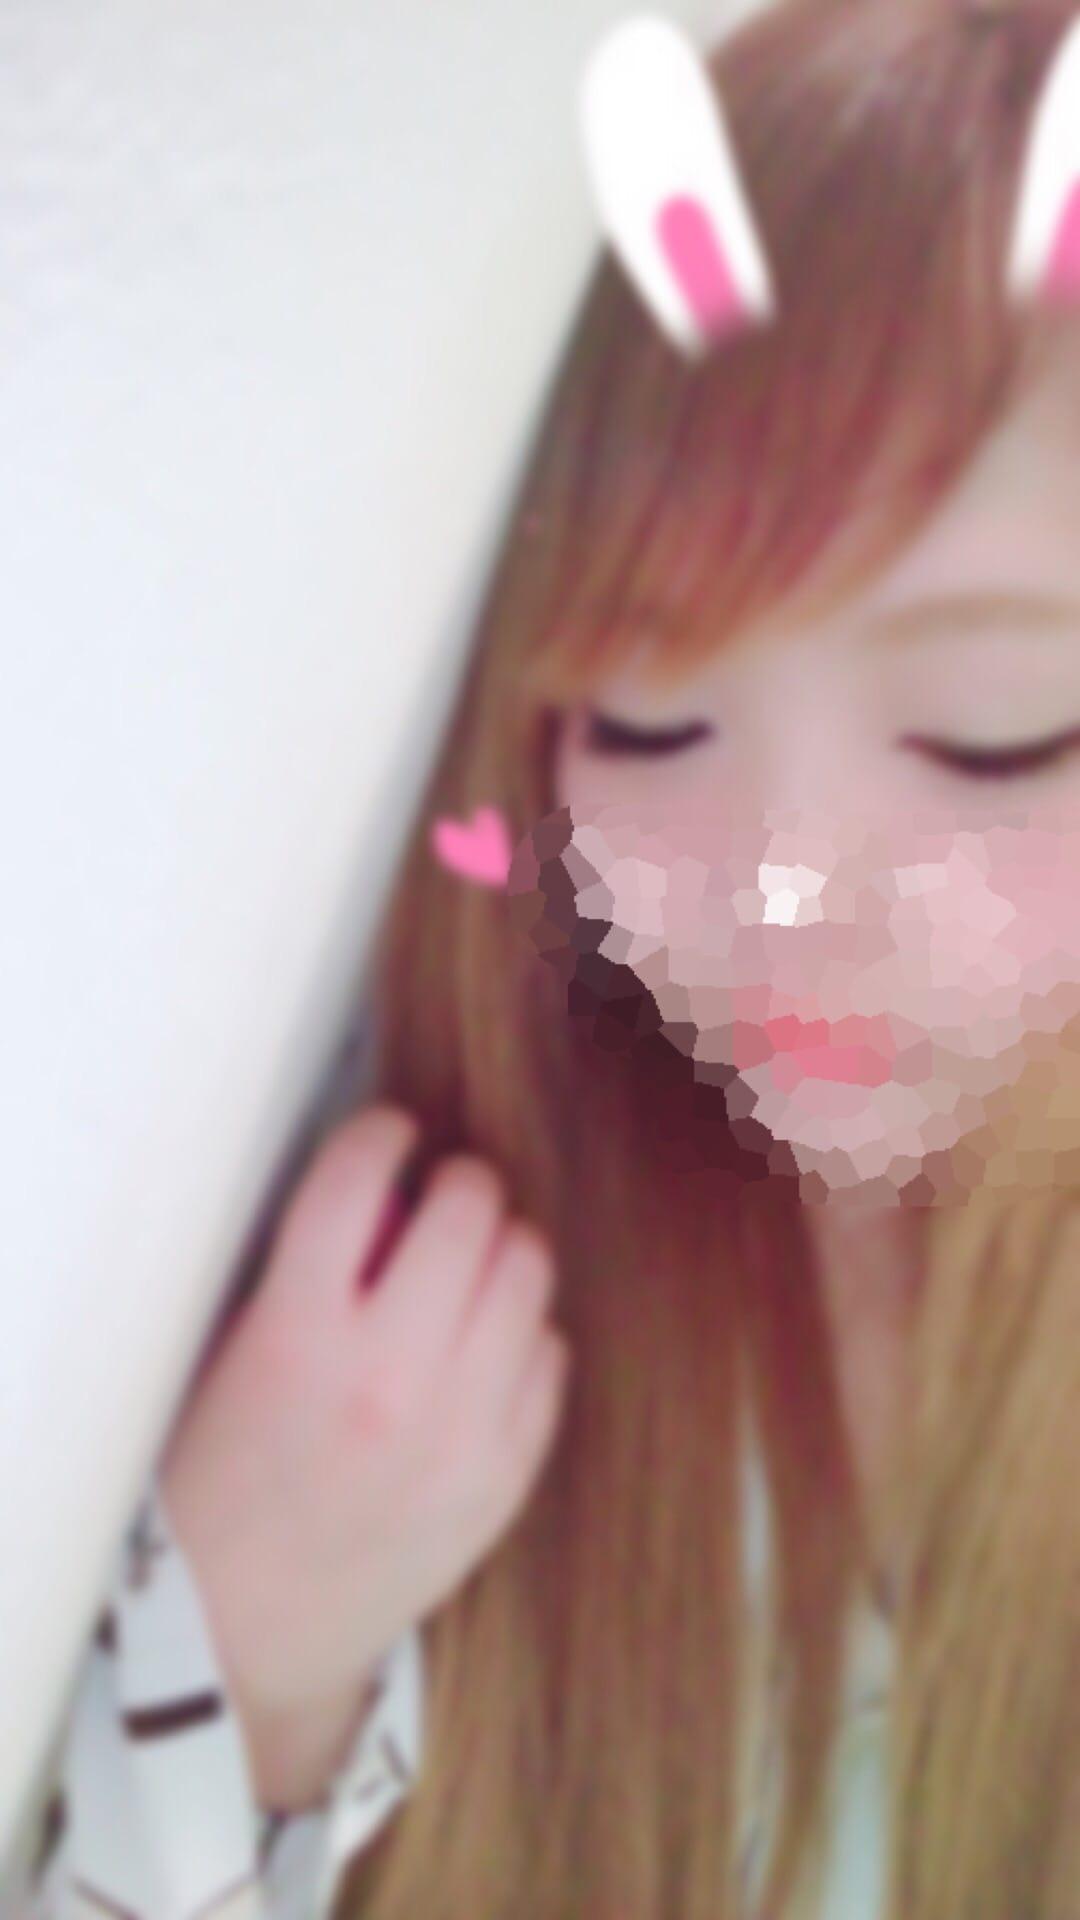 「こんにちわ」04/26(木) 03:35 | ユイの写メ・風俗動画